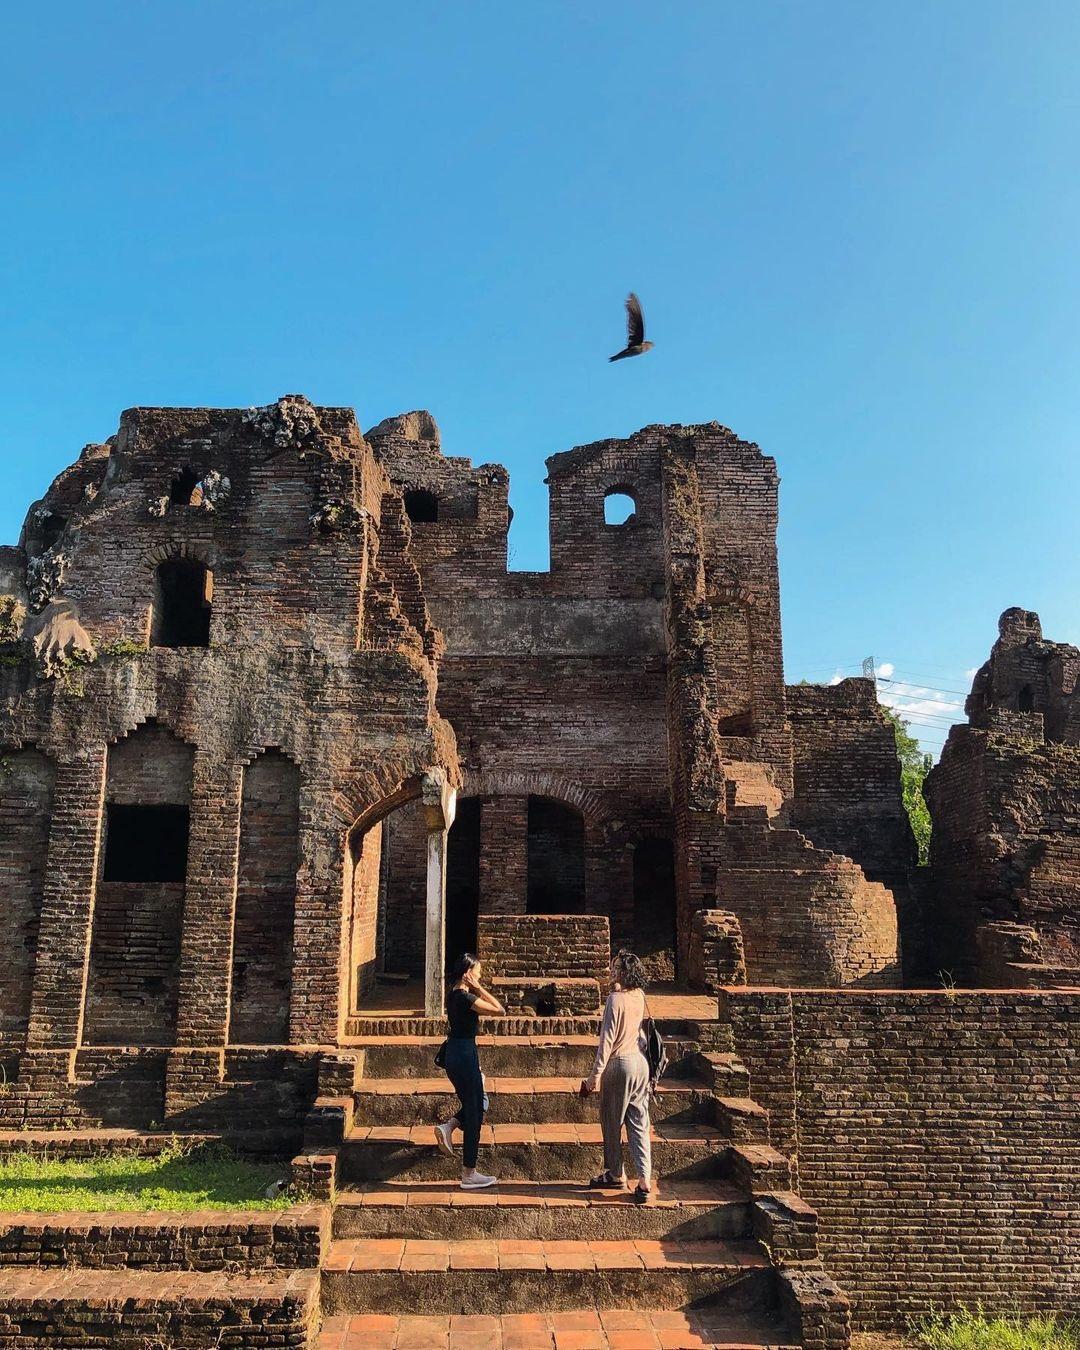 Bangunan Peninggalan Sejarah Gua Sunyaragi